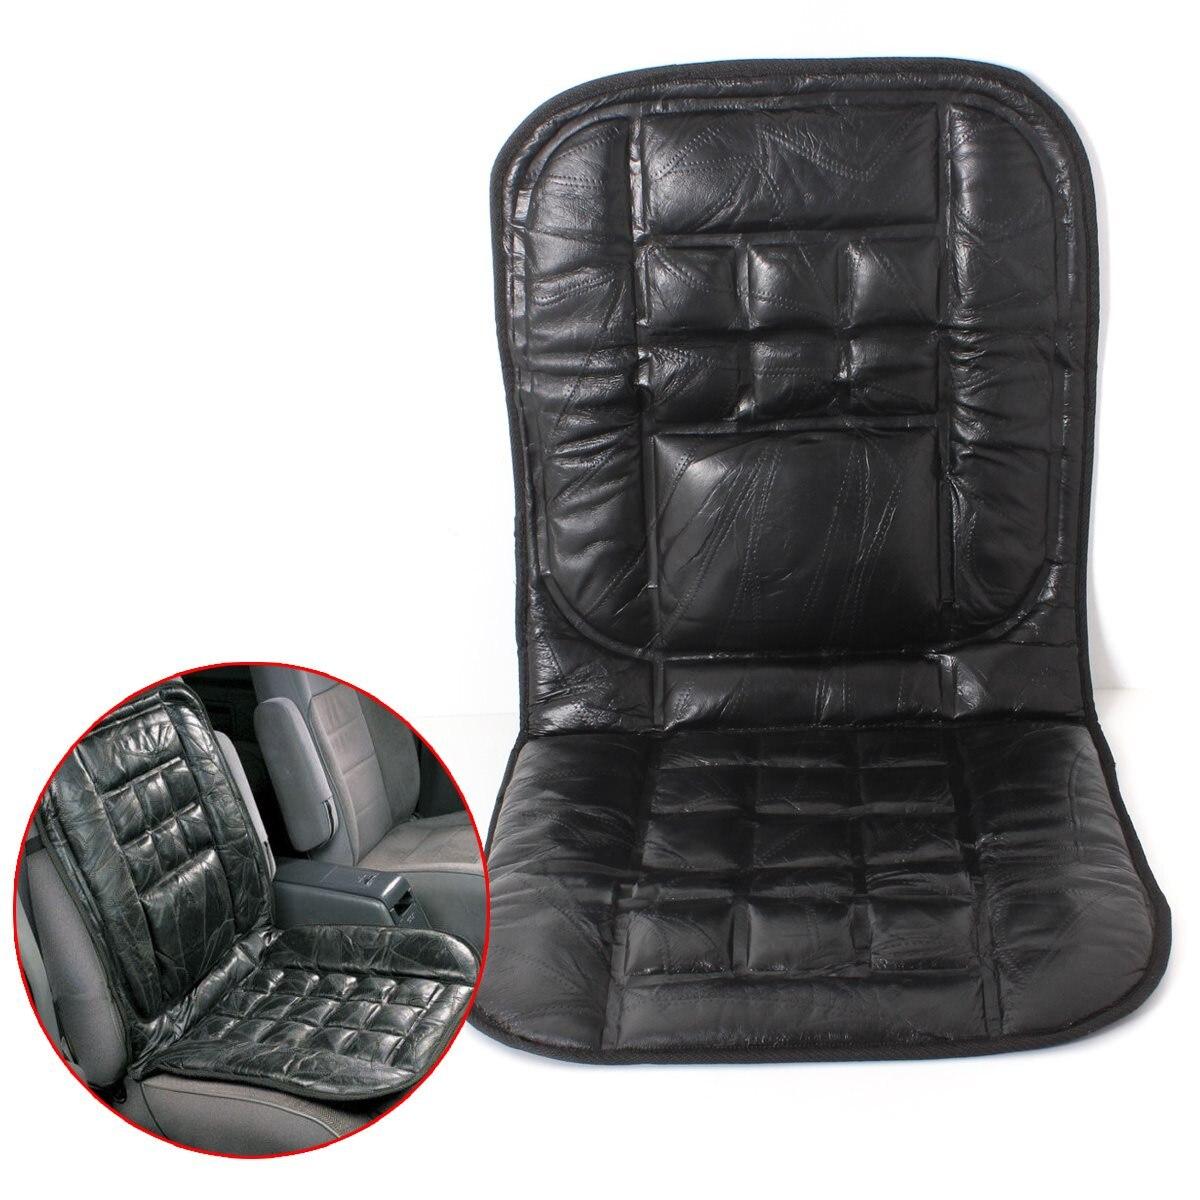 Cuoio universale Supporto Posteriore Anteriore Cushion Seat Cover Sedia Auto Taxi Van Comodo Sedile Pad